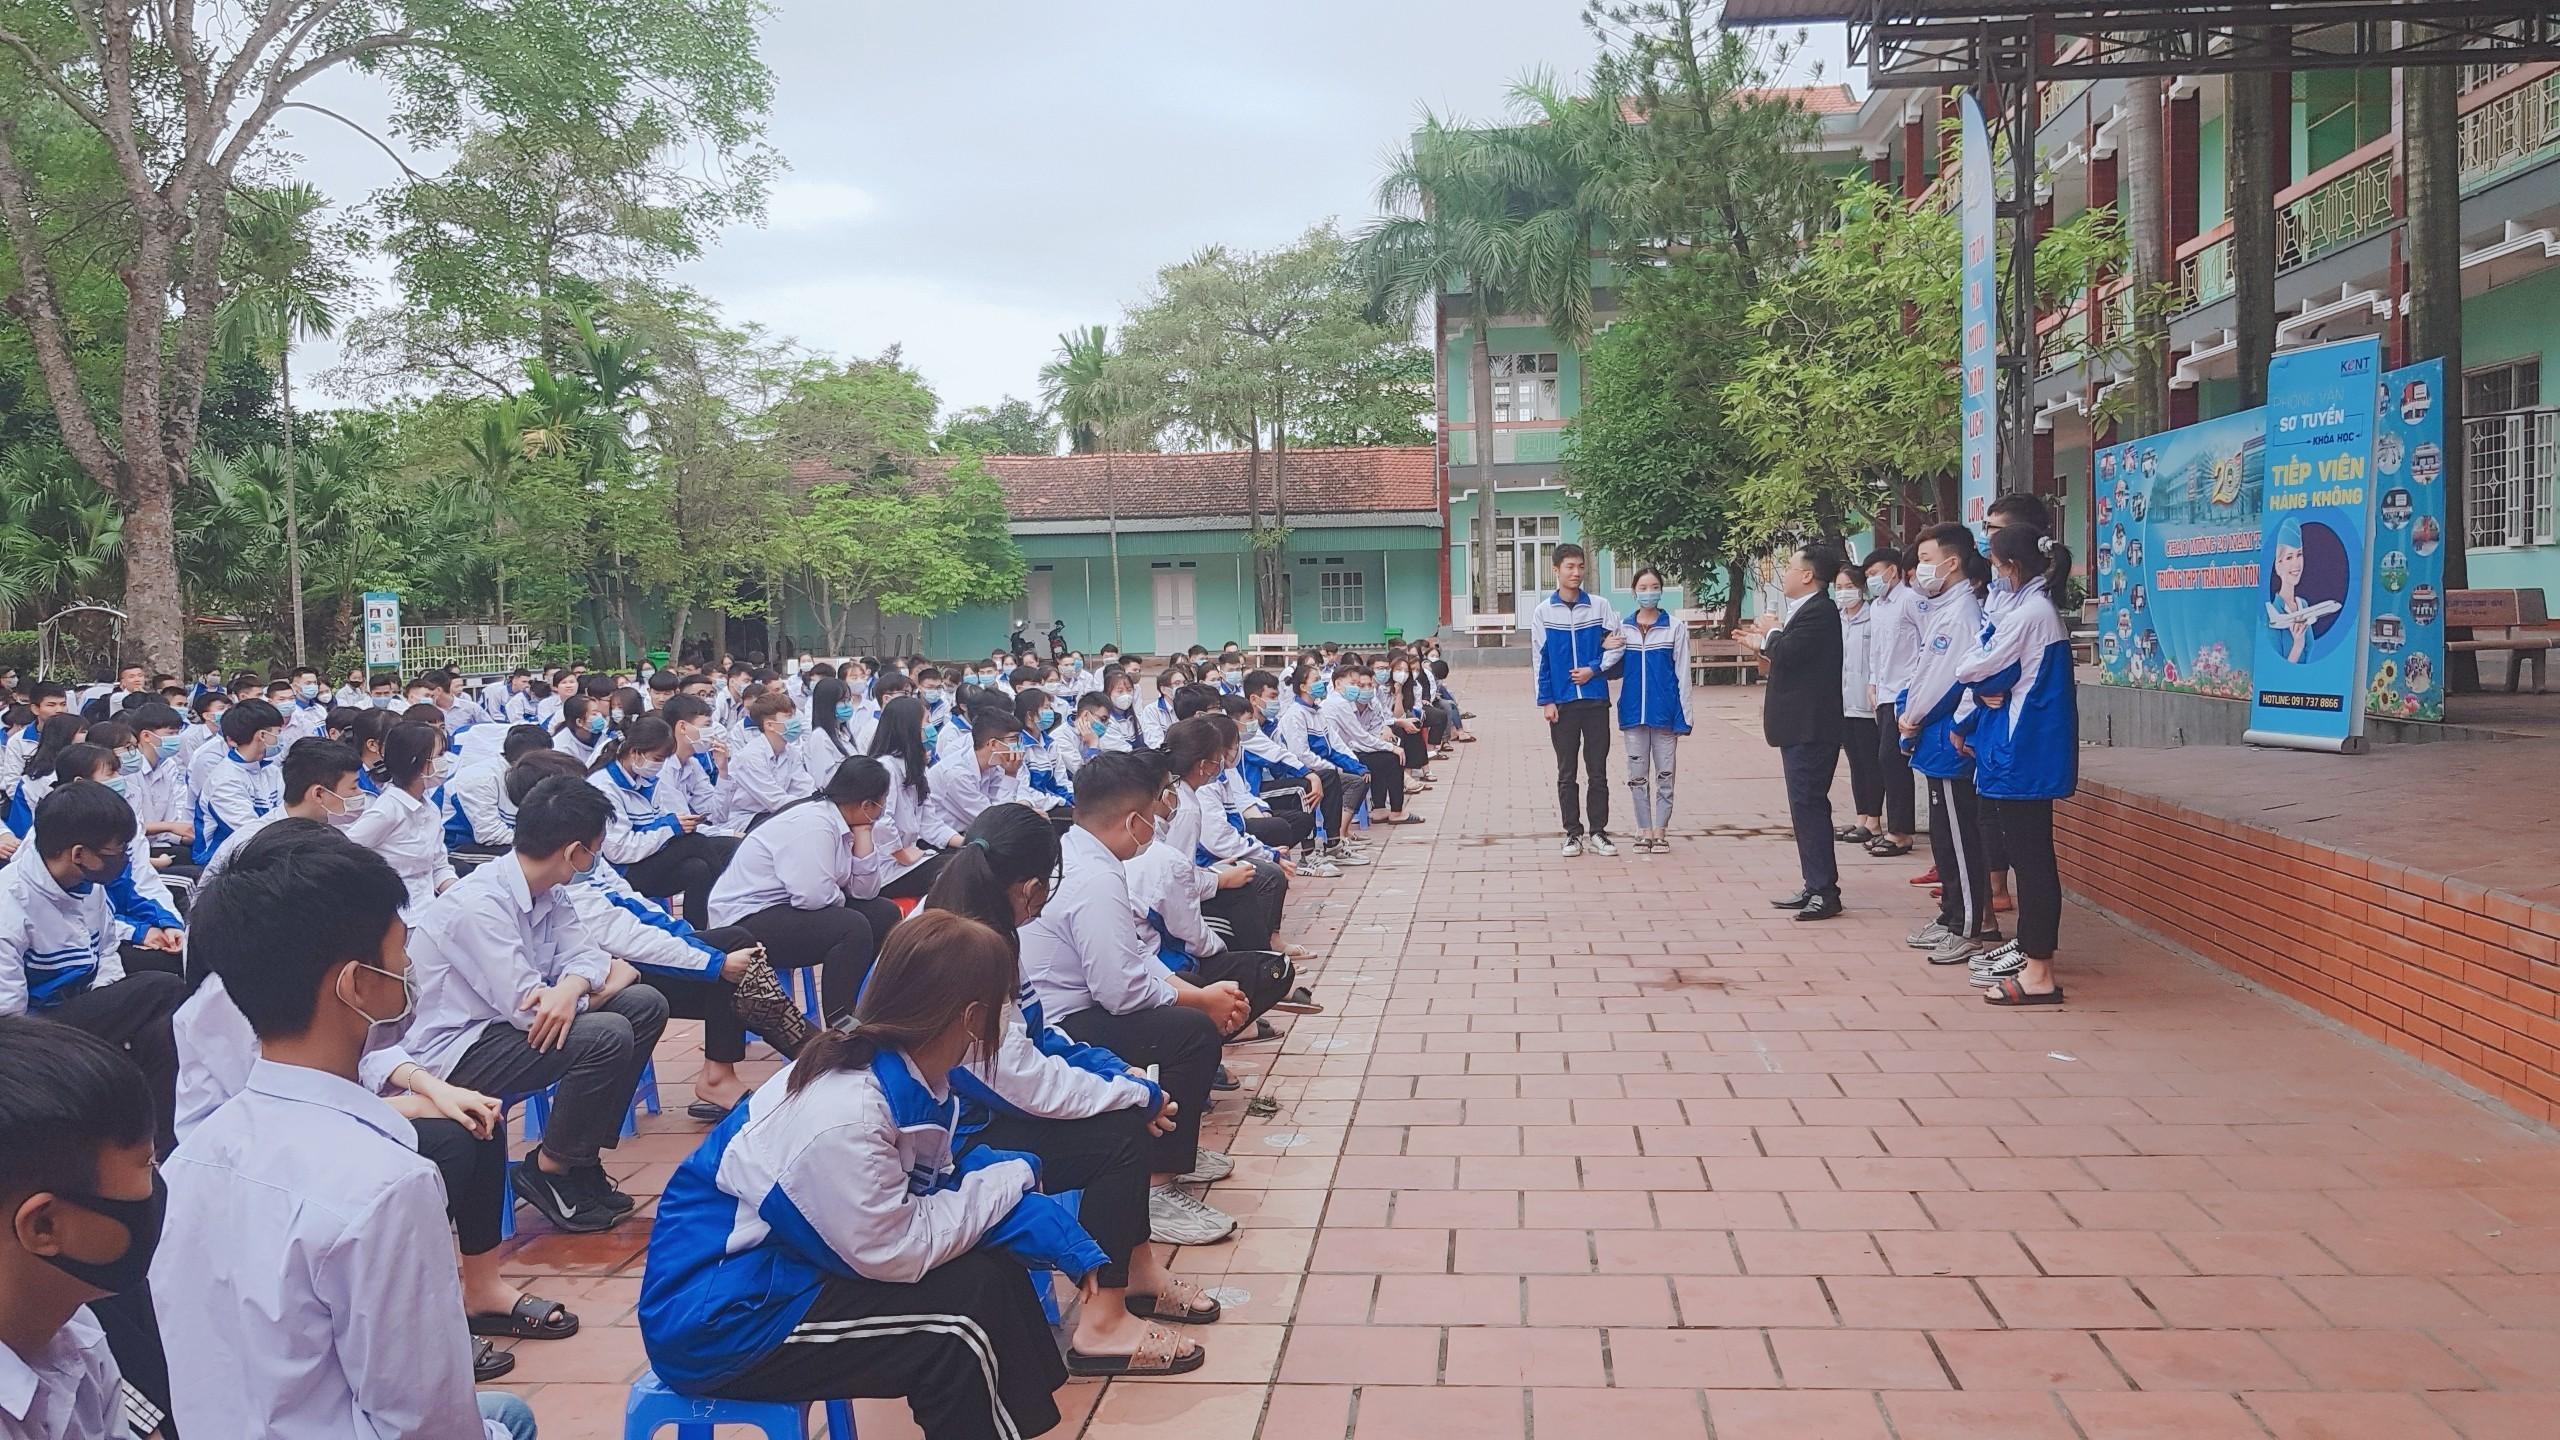 TTọa đàm tư vấn hướng nghiệp cung cấp thông tin thị trường lao động cho học sinh THPT tại Đông Triều, Quảng Ninh